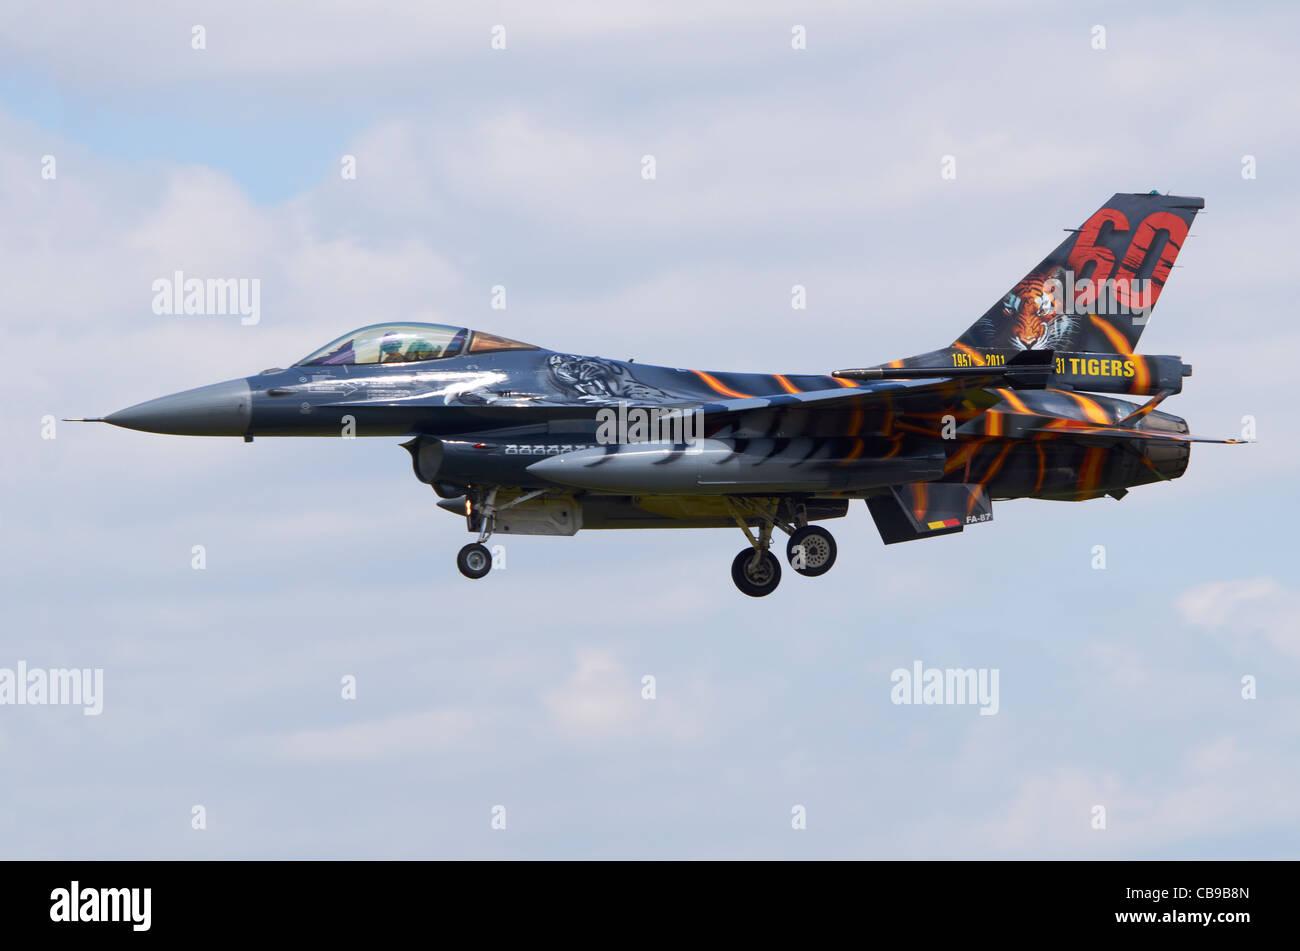 SABCA F-16AM Fighting Falcon variante du F-16, exploité par l'Armée de l'air belge, en approche pour l'atterrissage à RAF Fairford, UK Banque D'Images